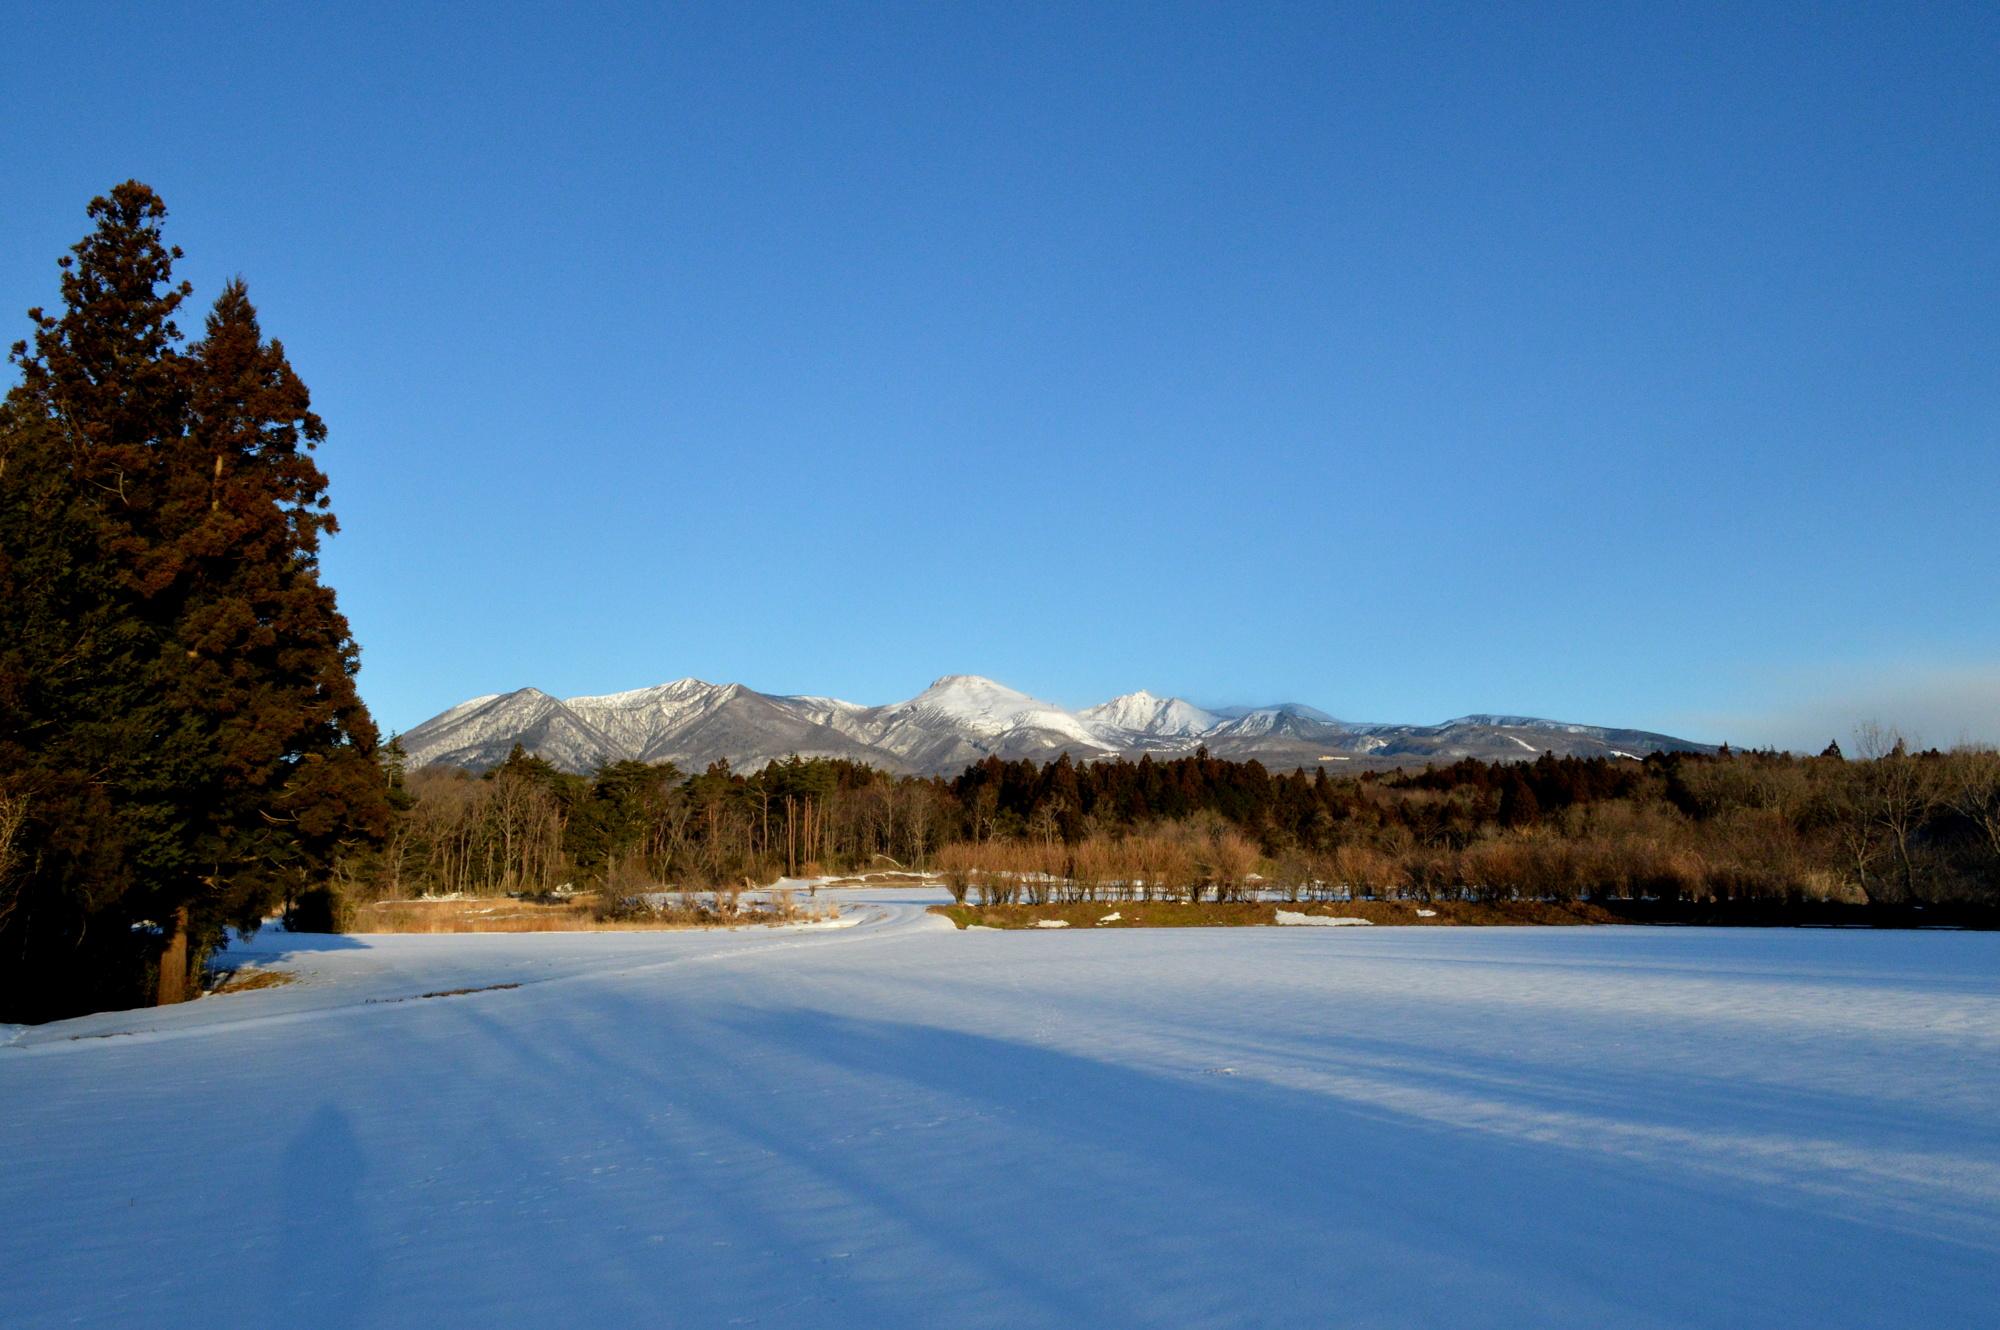 那須高原から雪景色の那須連山を望む